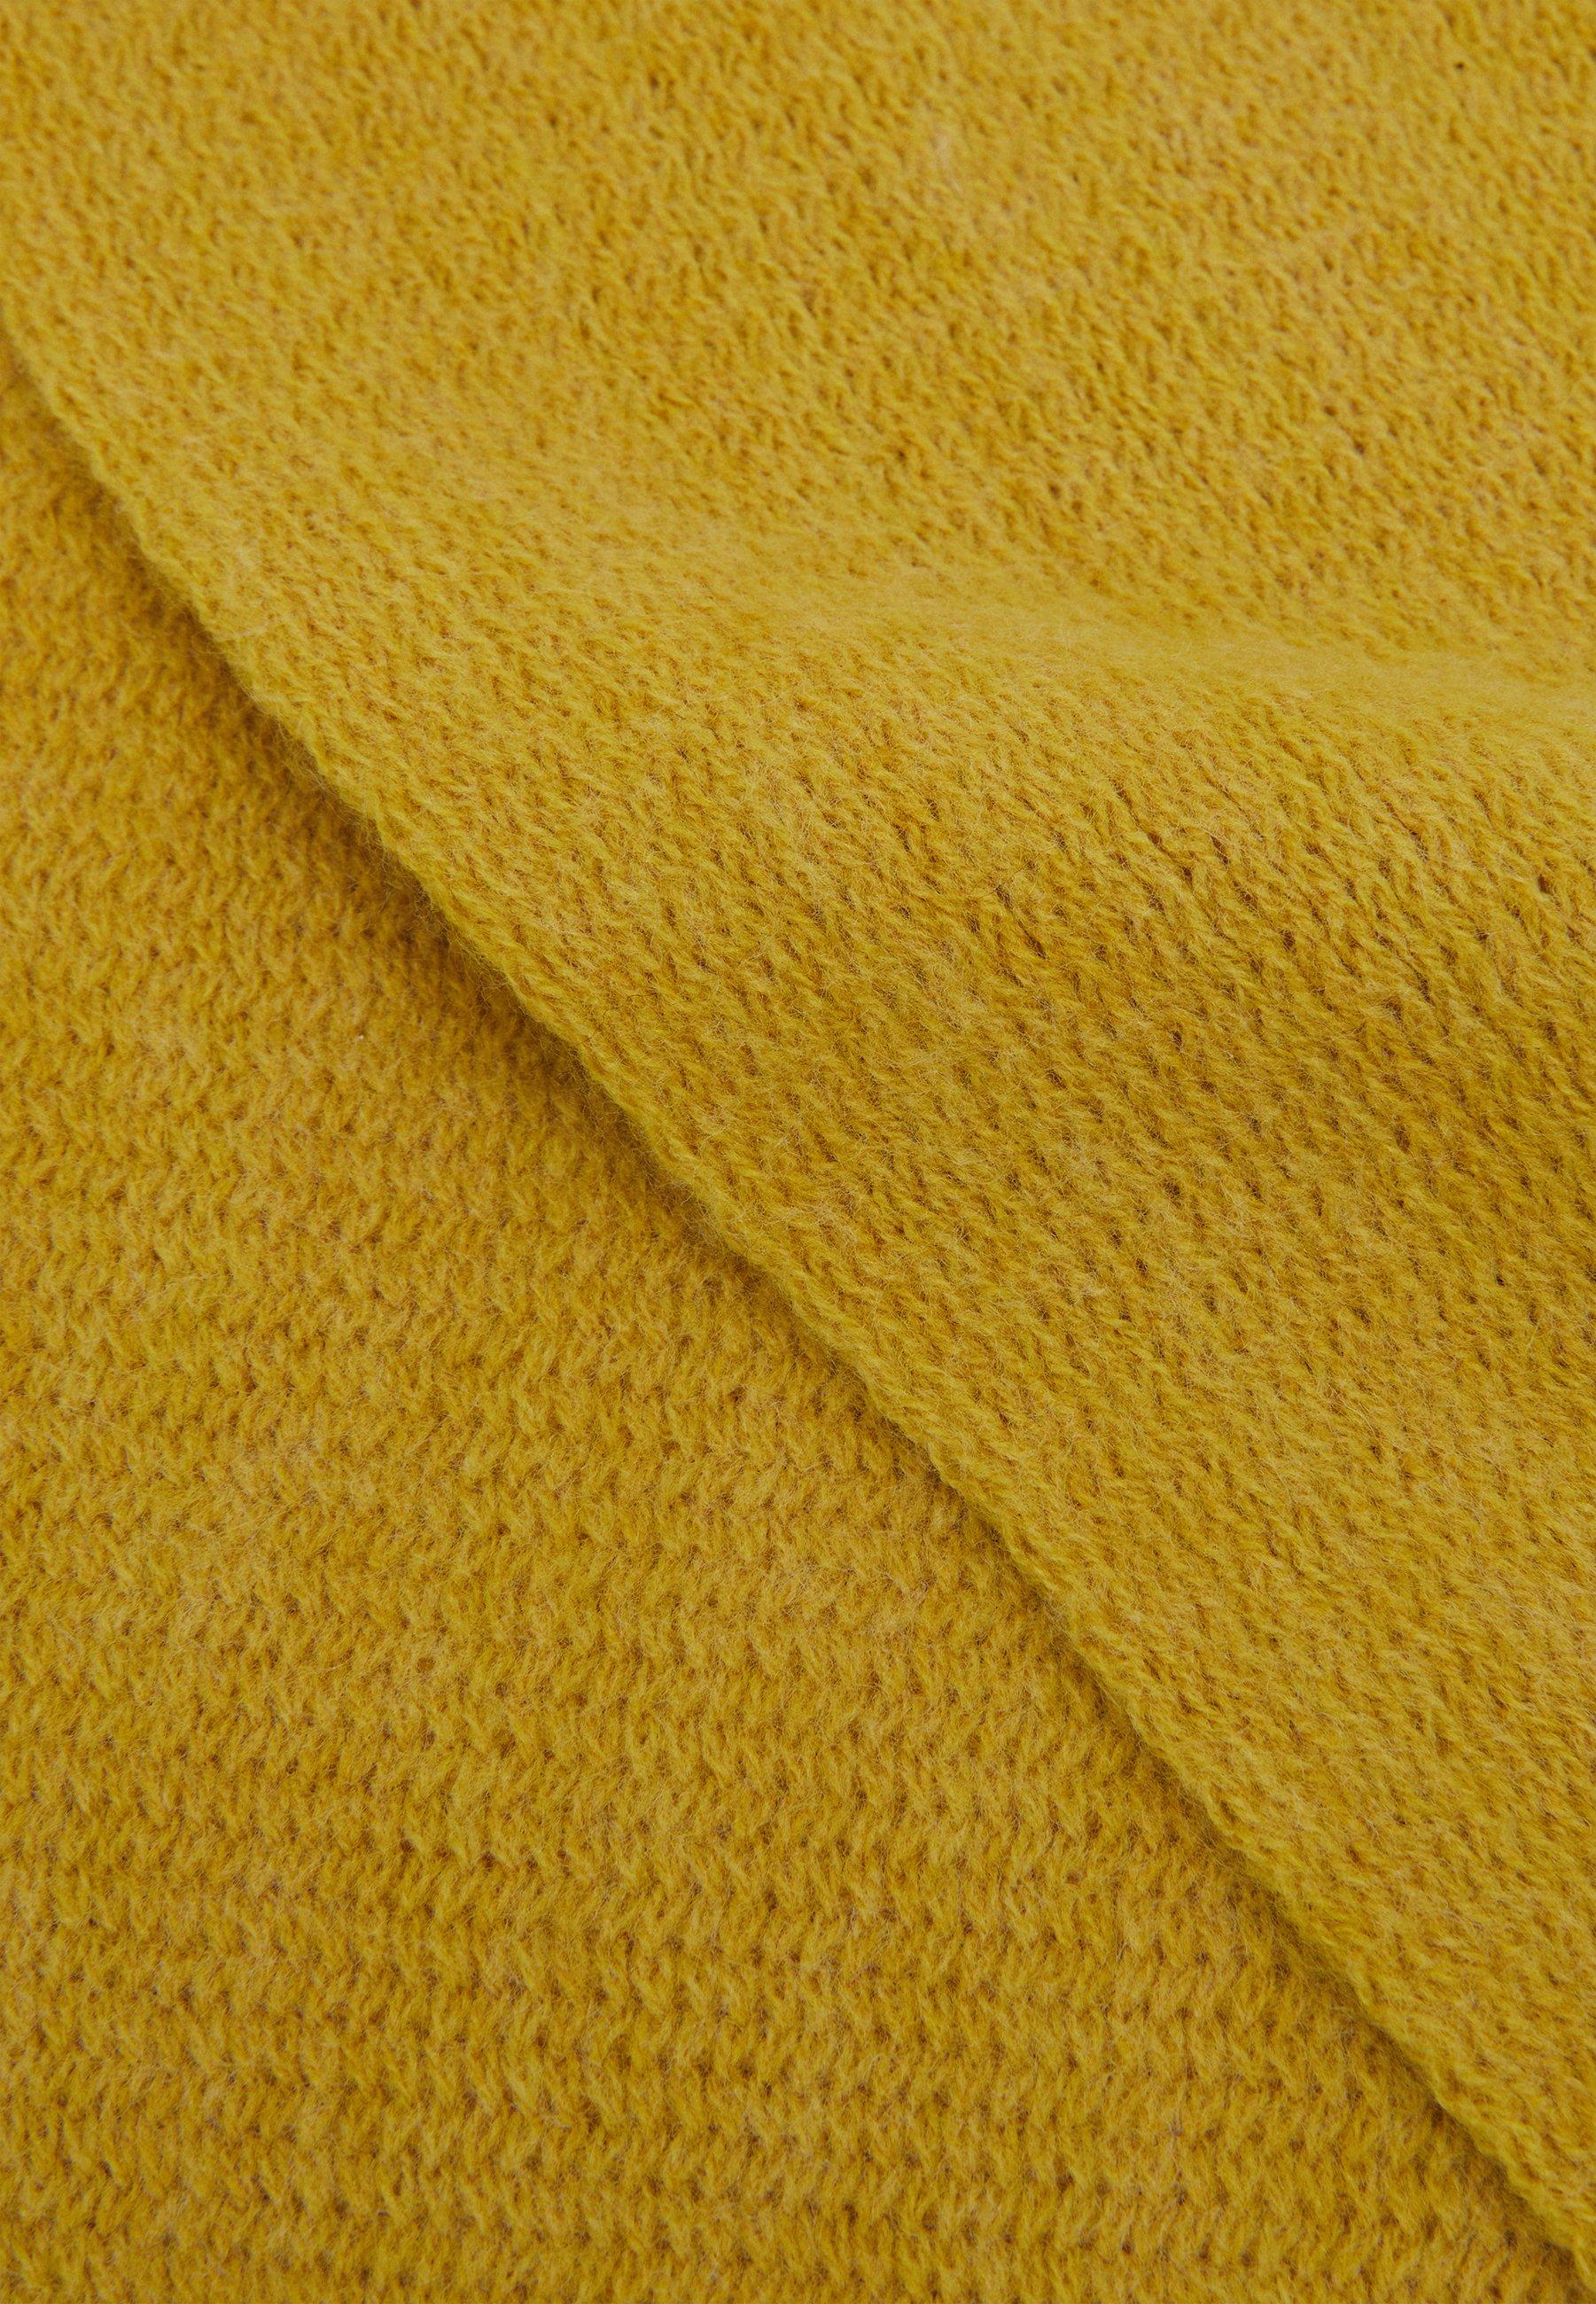 Even&Odd Sjal - yellow/gul j03Lh0Lg15ViWnd